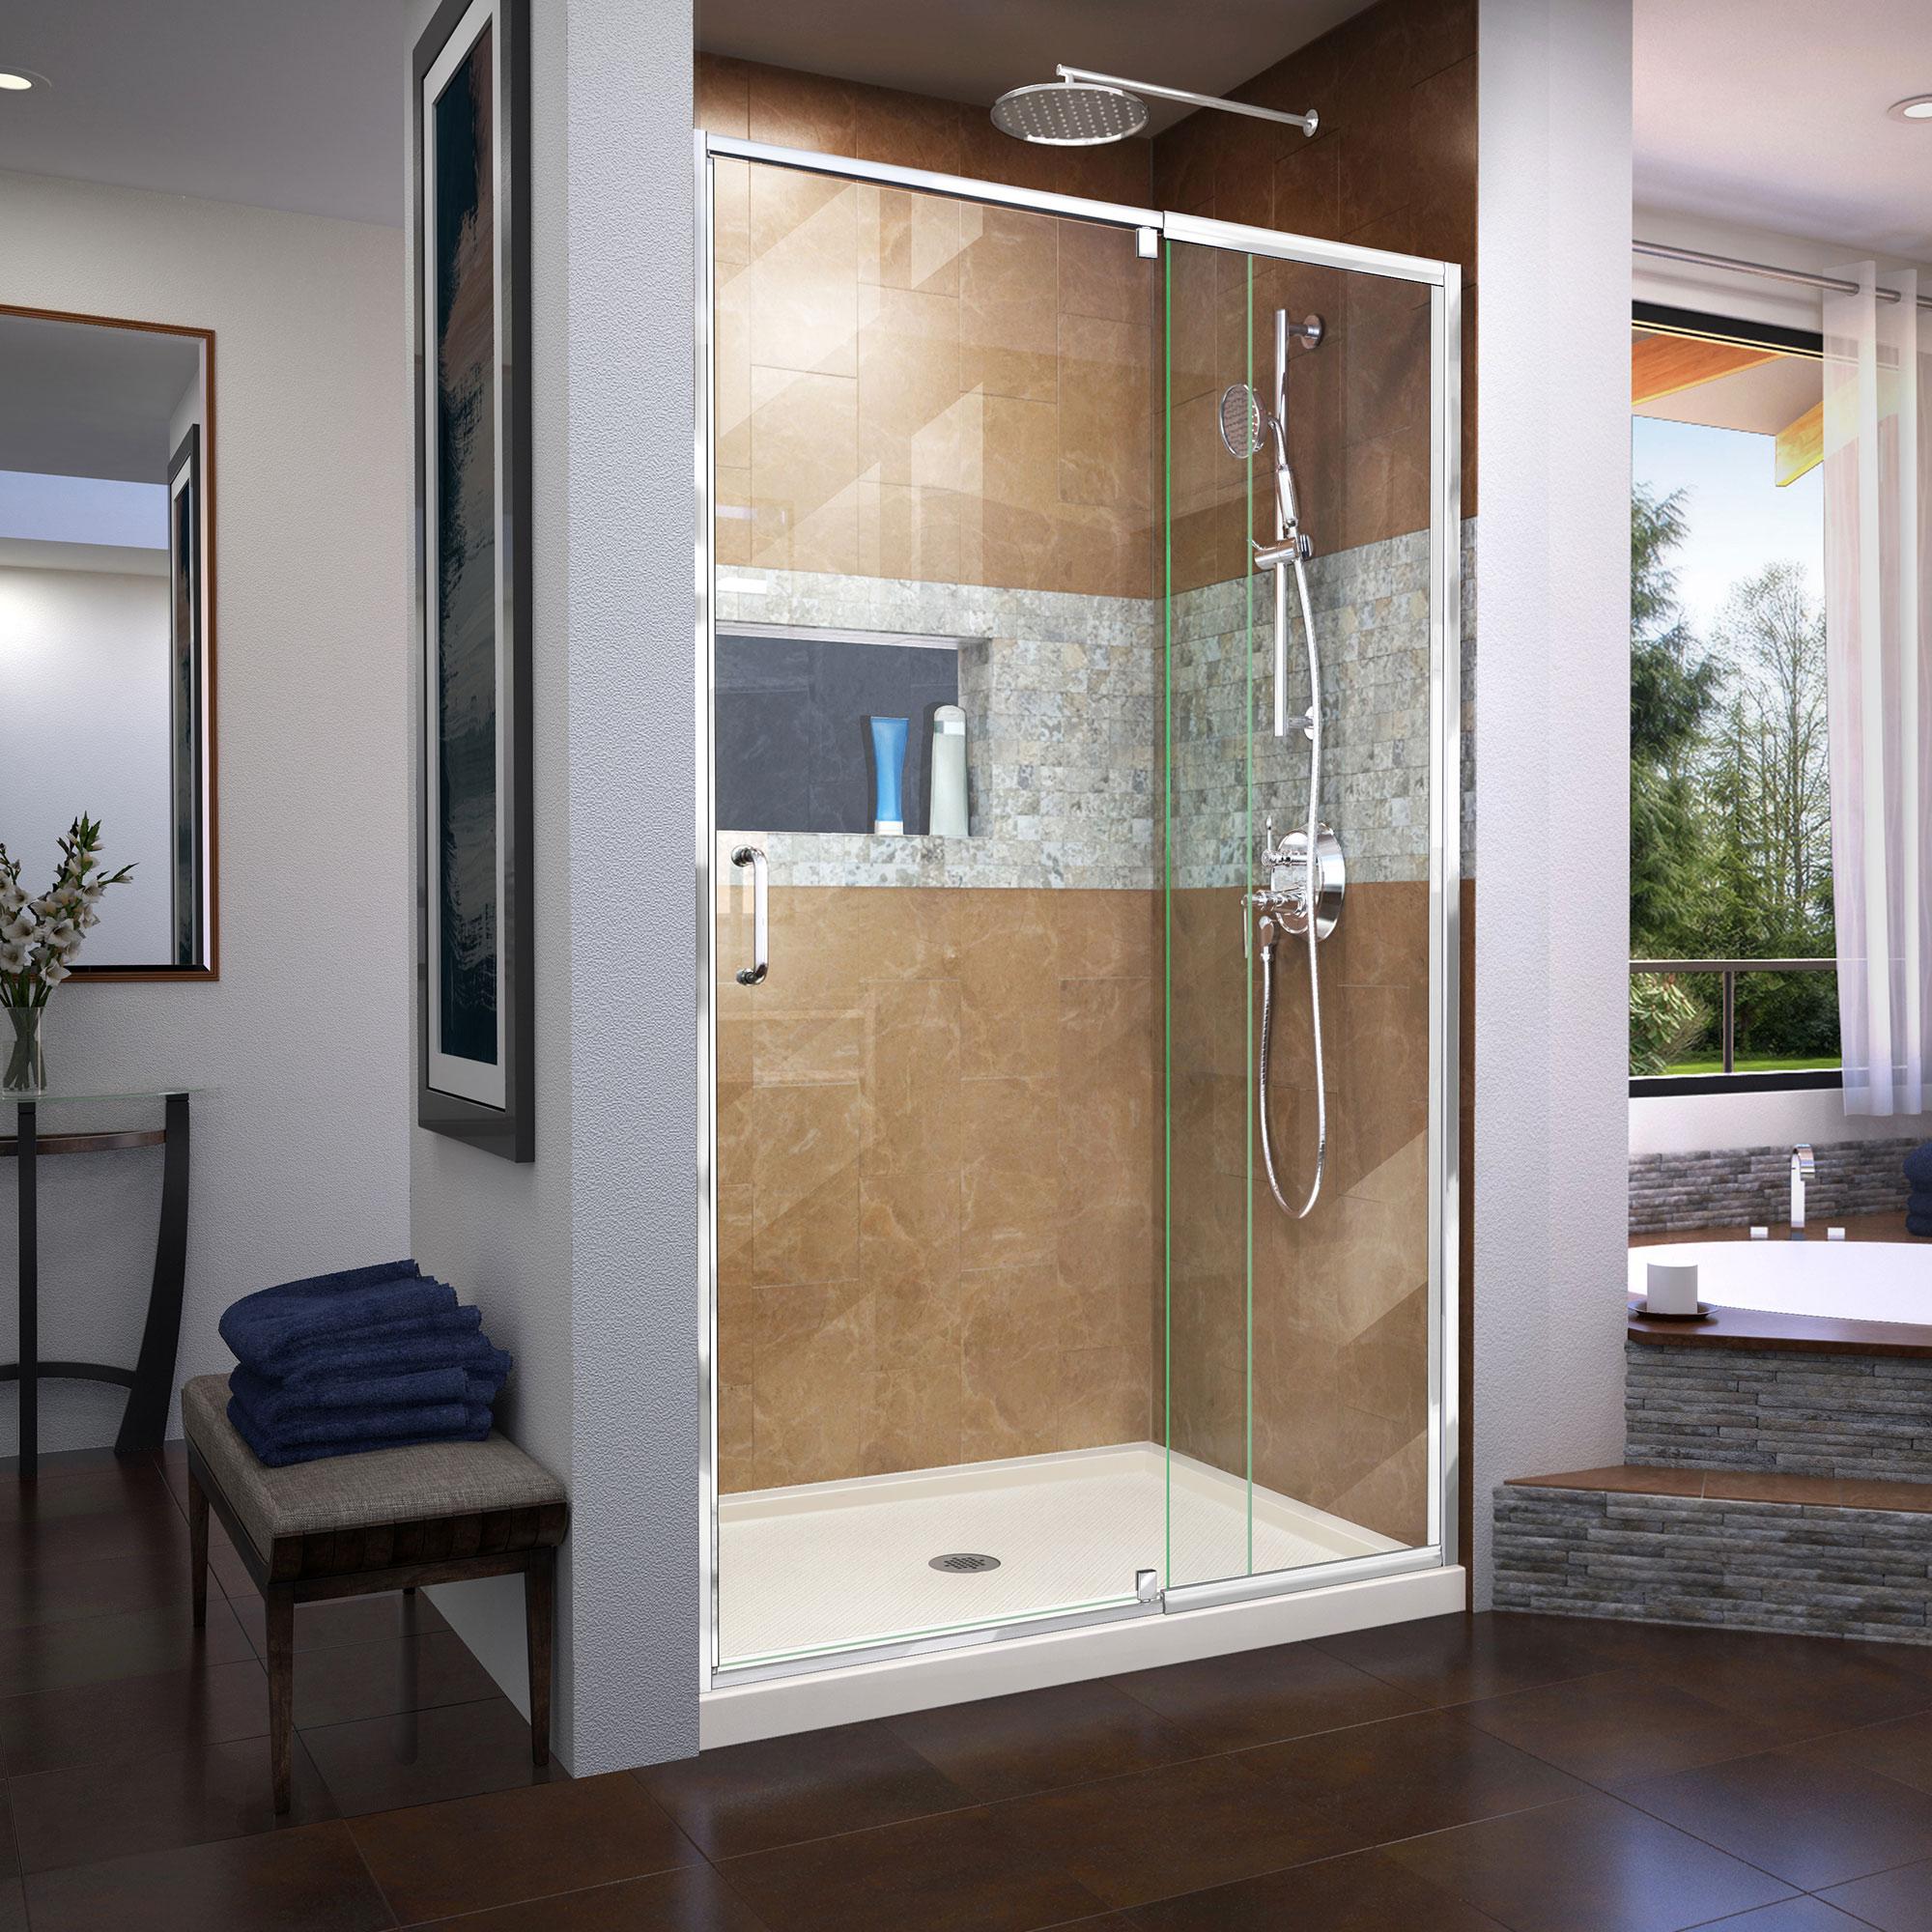 DreamLine Flex 32 in. D x 42 in. W x 74 3/4 in. H Semi-Frameless Pivot Shower Door in Chrome with Center Drain White Base Kit